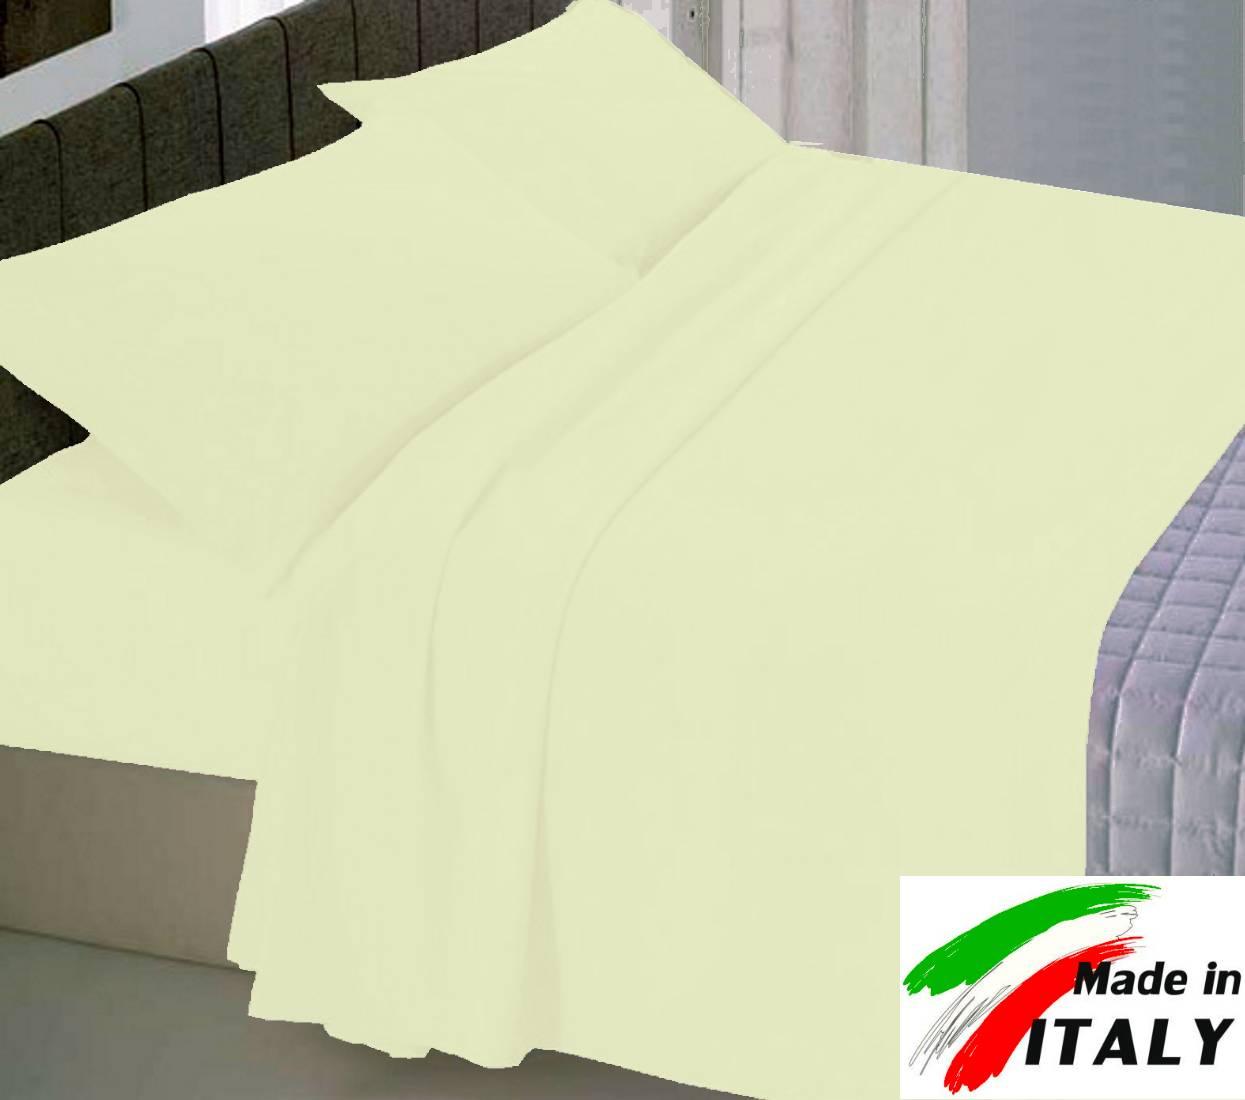 Striscia Rettangolare Cm 72 X 34 Tavolo Tavolino Cassettone 100 Cotone